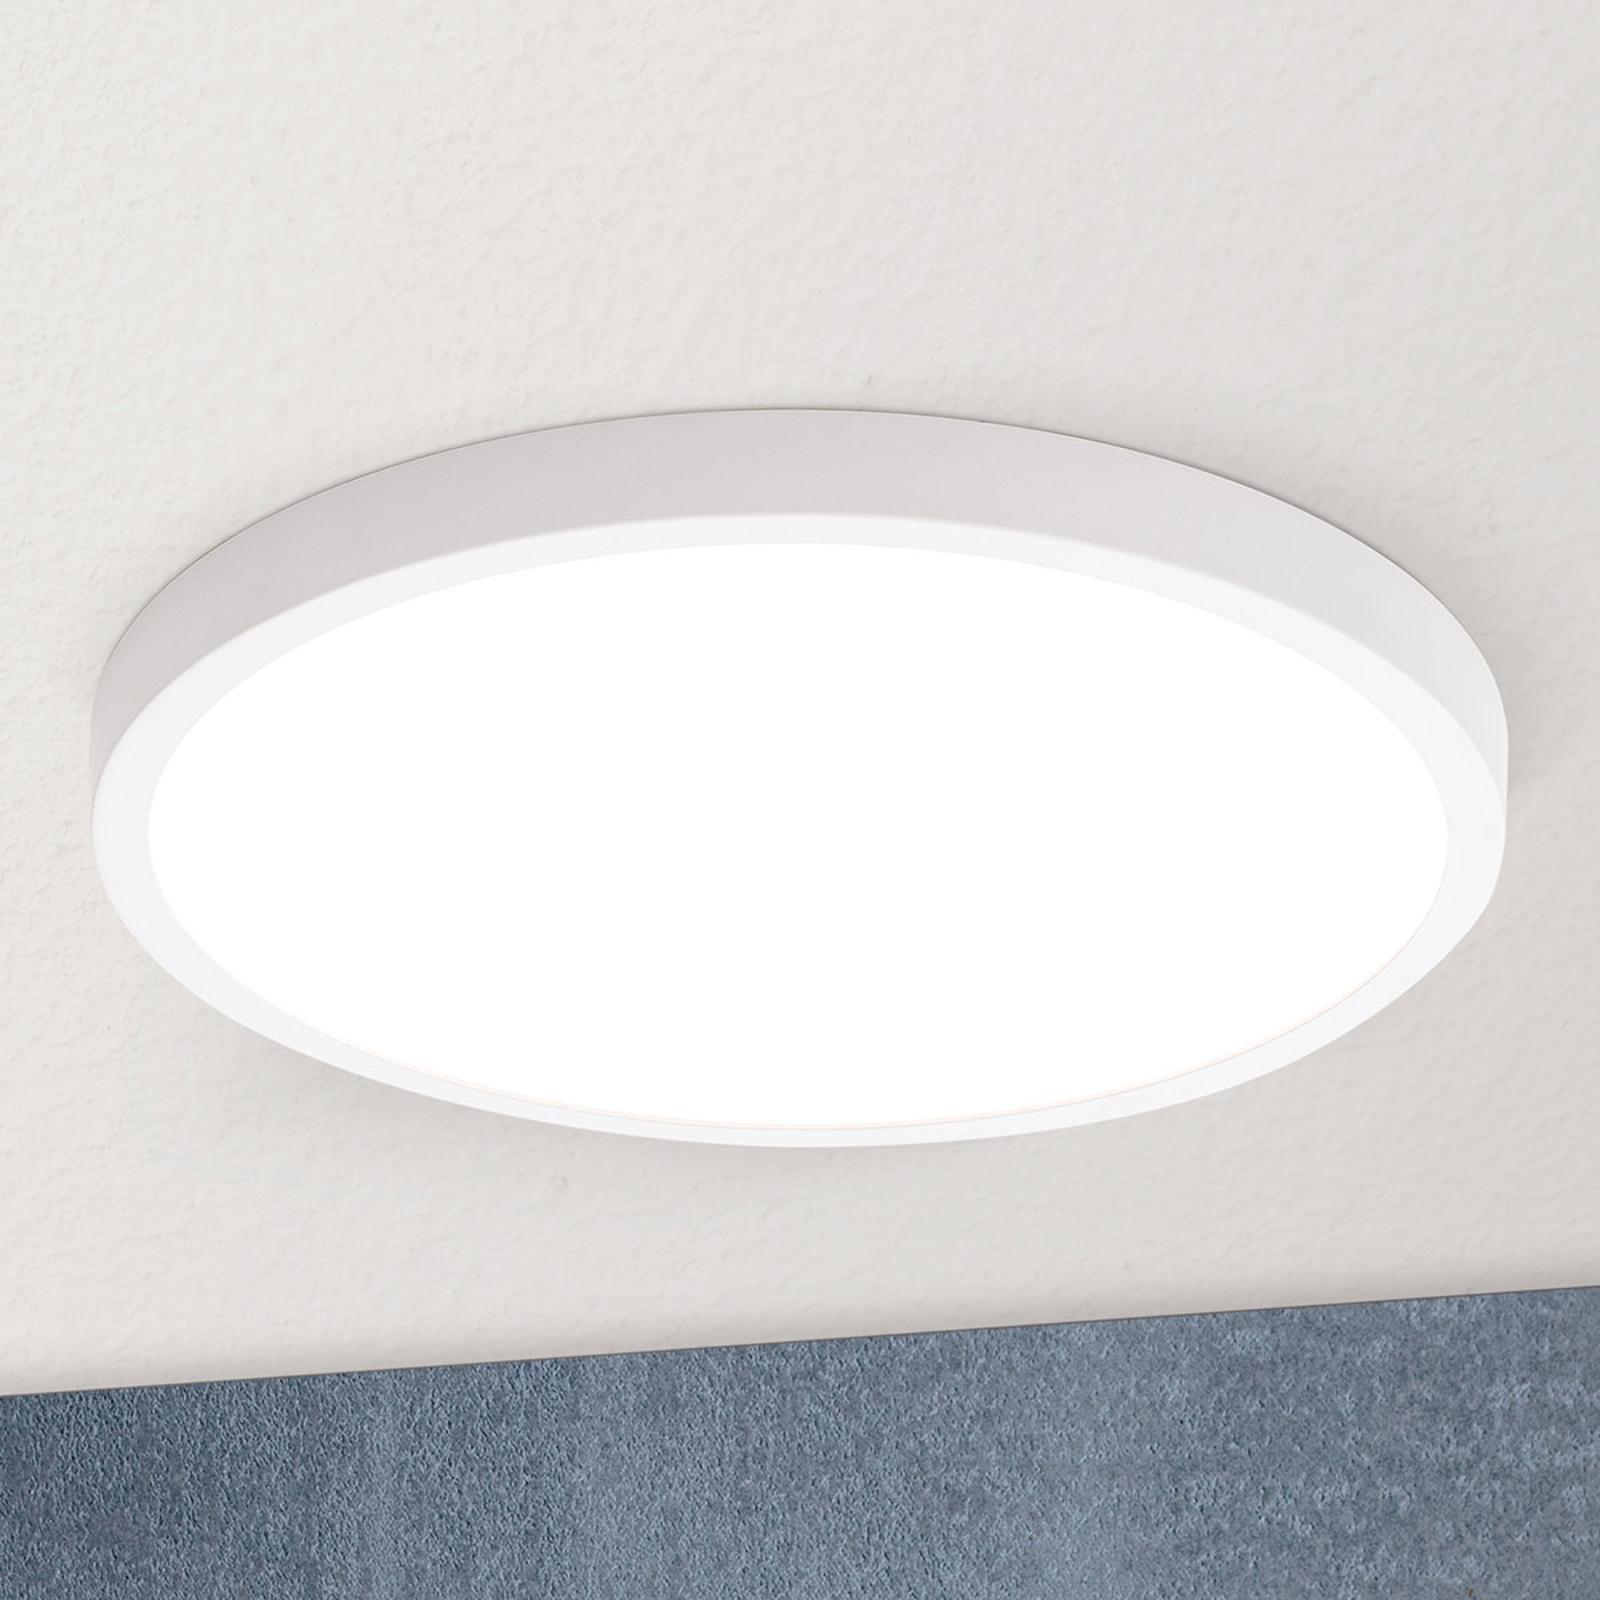 LED-Deckenleuchte Vika, rund, weiß, Ø 30cm